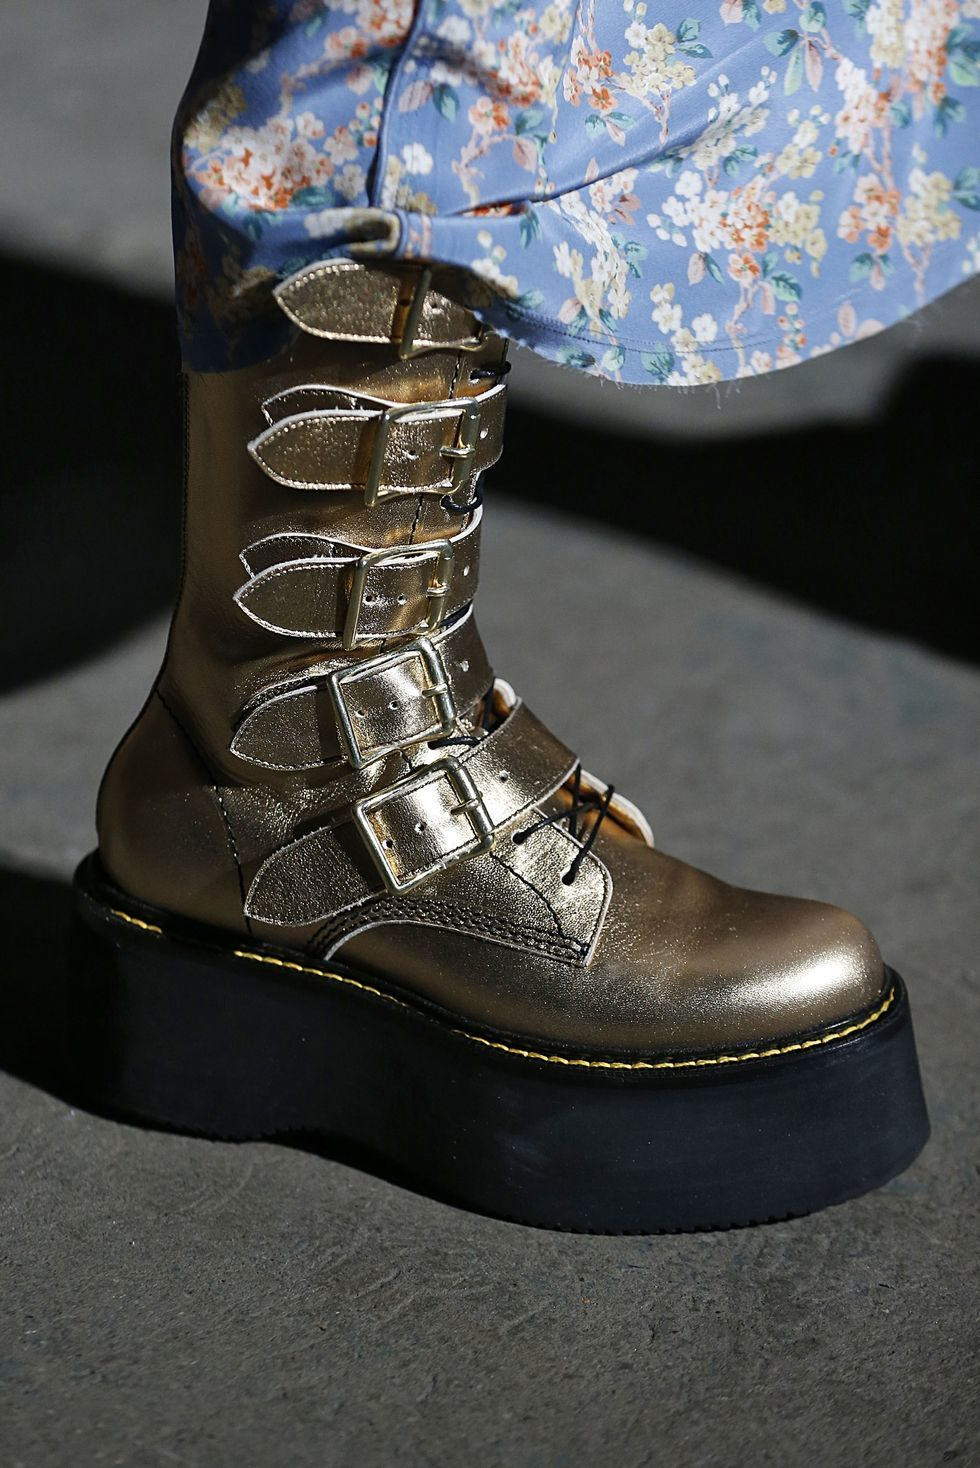 boot-chien-binh-3